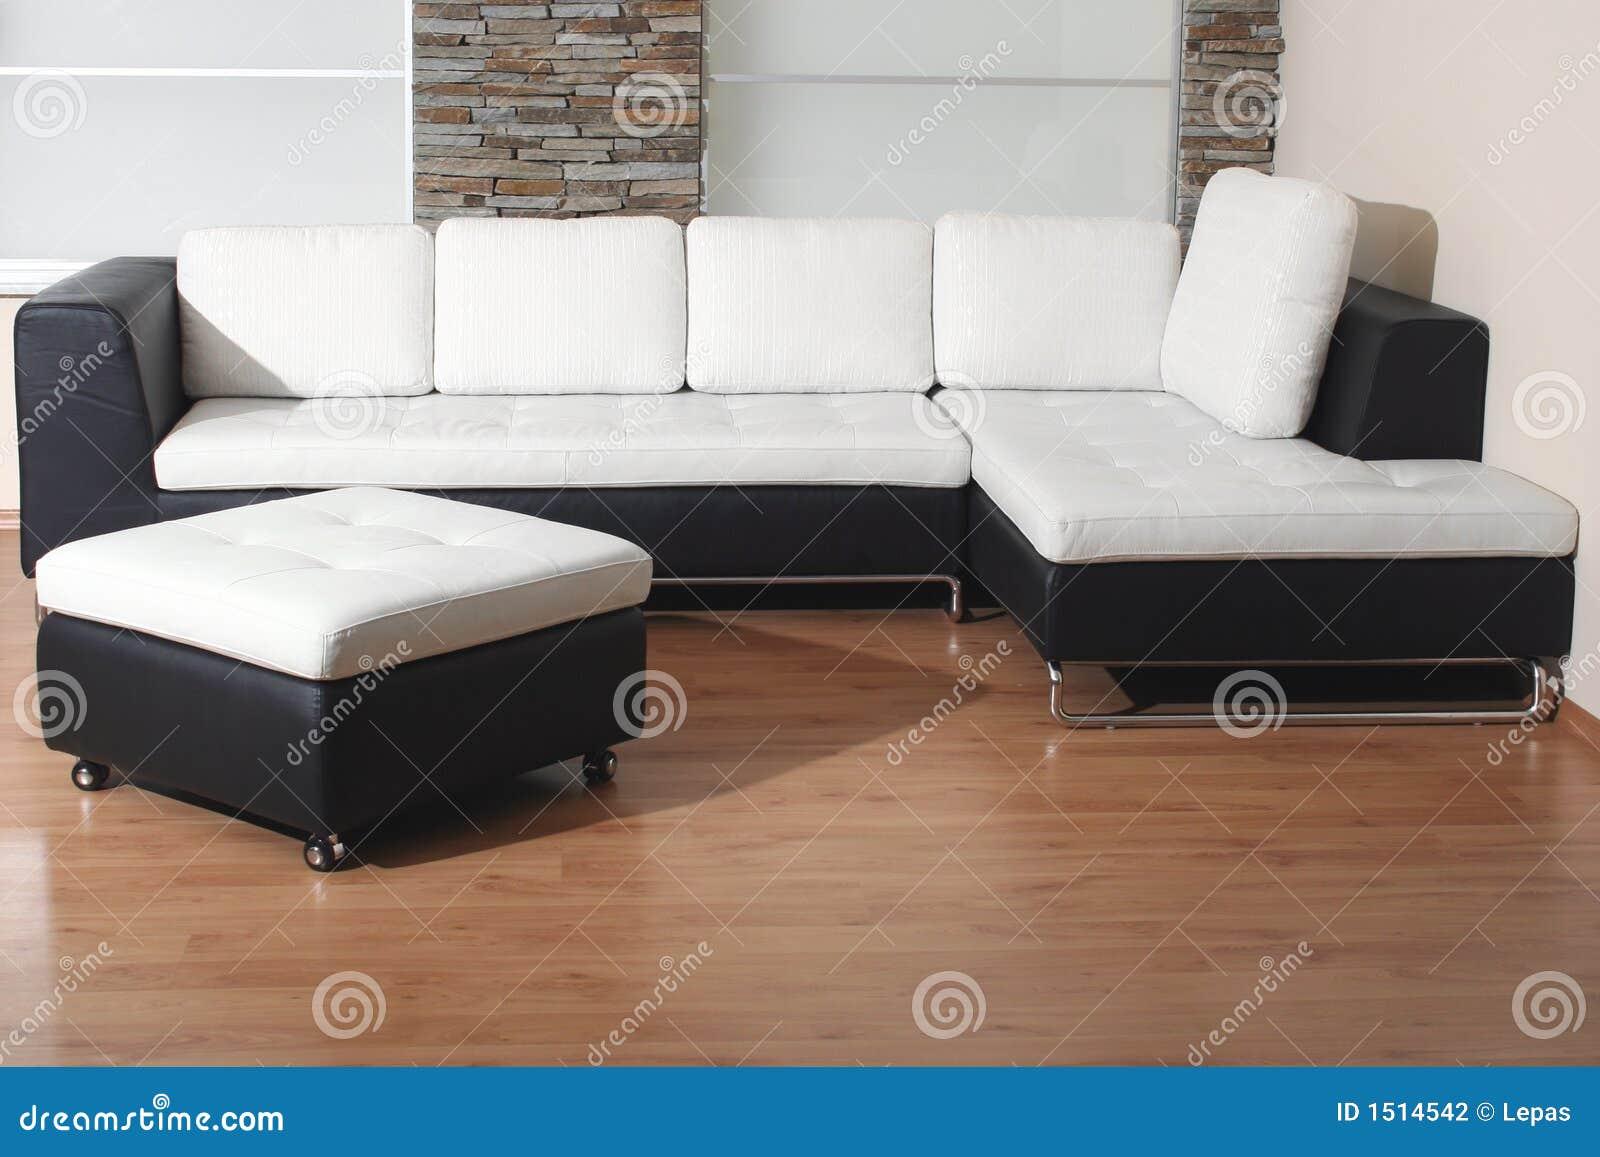 Muebles Blancos Y Negros Foto De Archivo Imagen De Muebles 1514542 # Muebles Otomanos